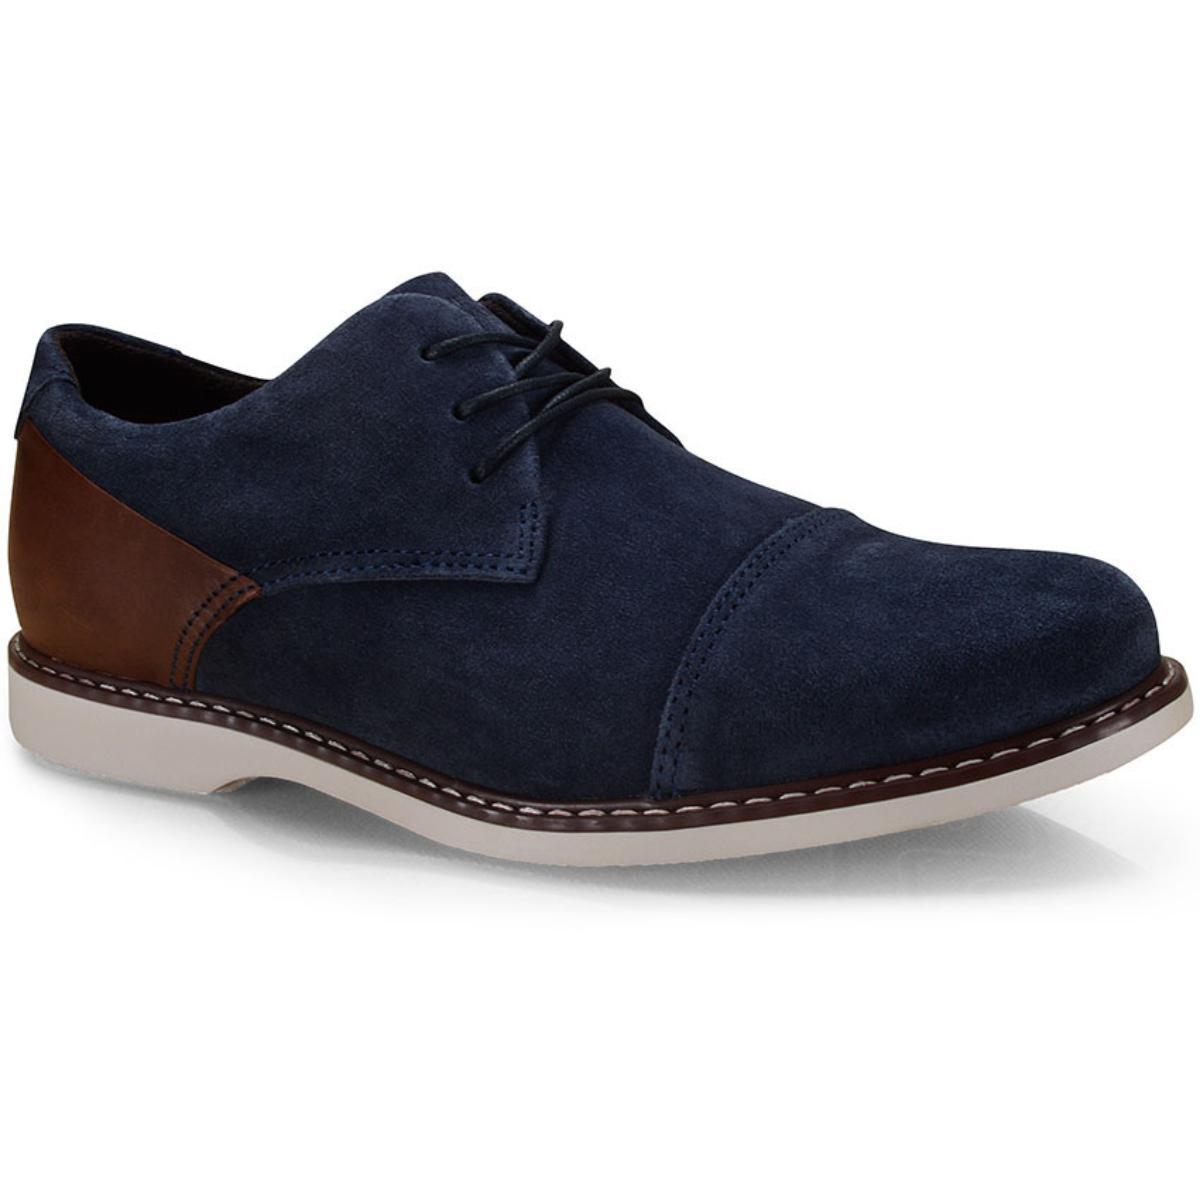 Sapato Masculino West Coast 187206/5 Marinho/conhaque